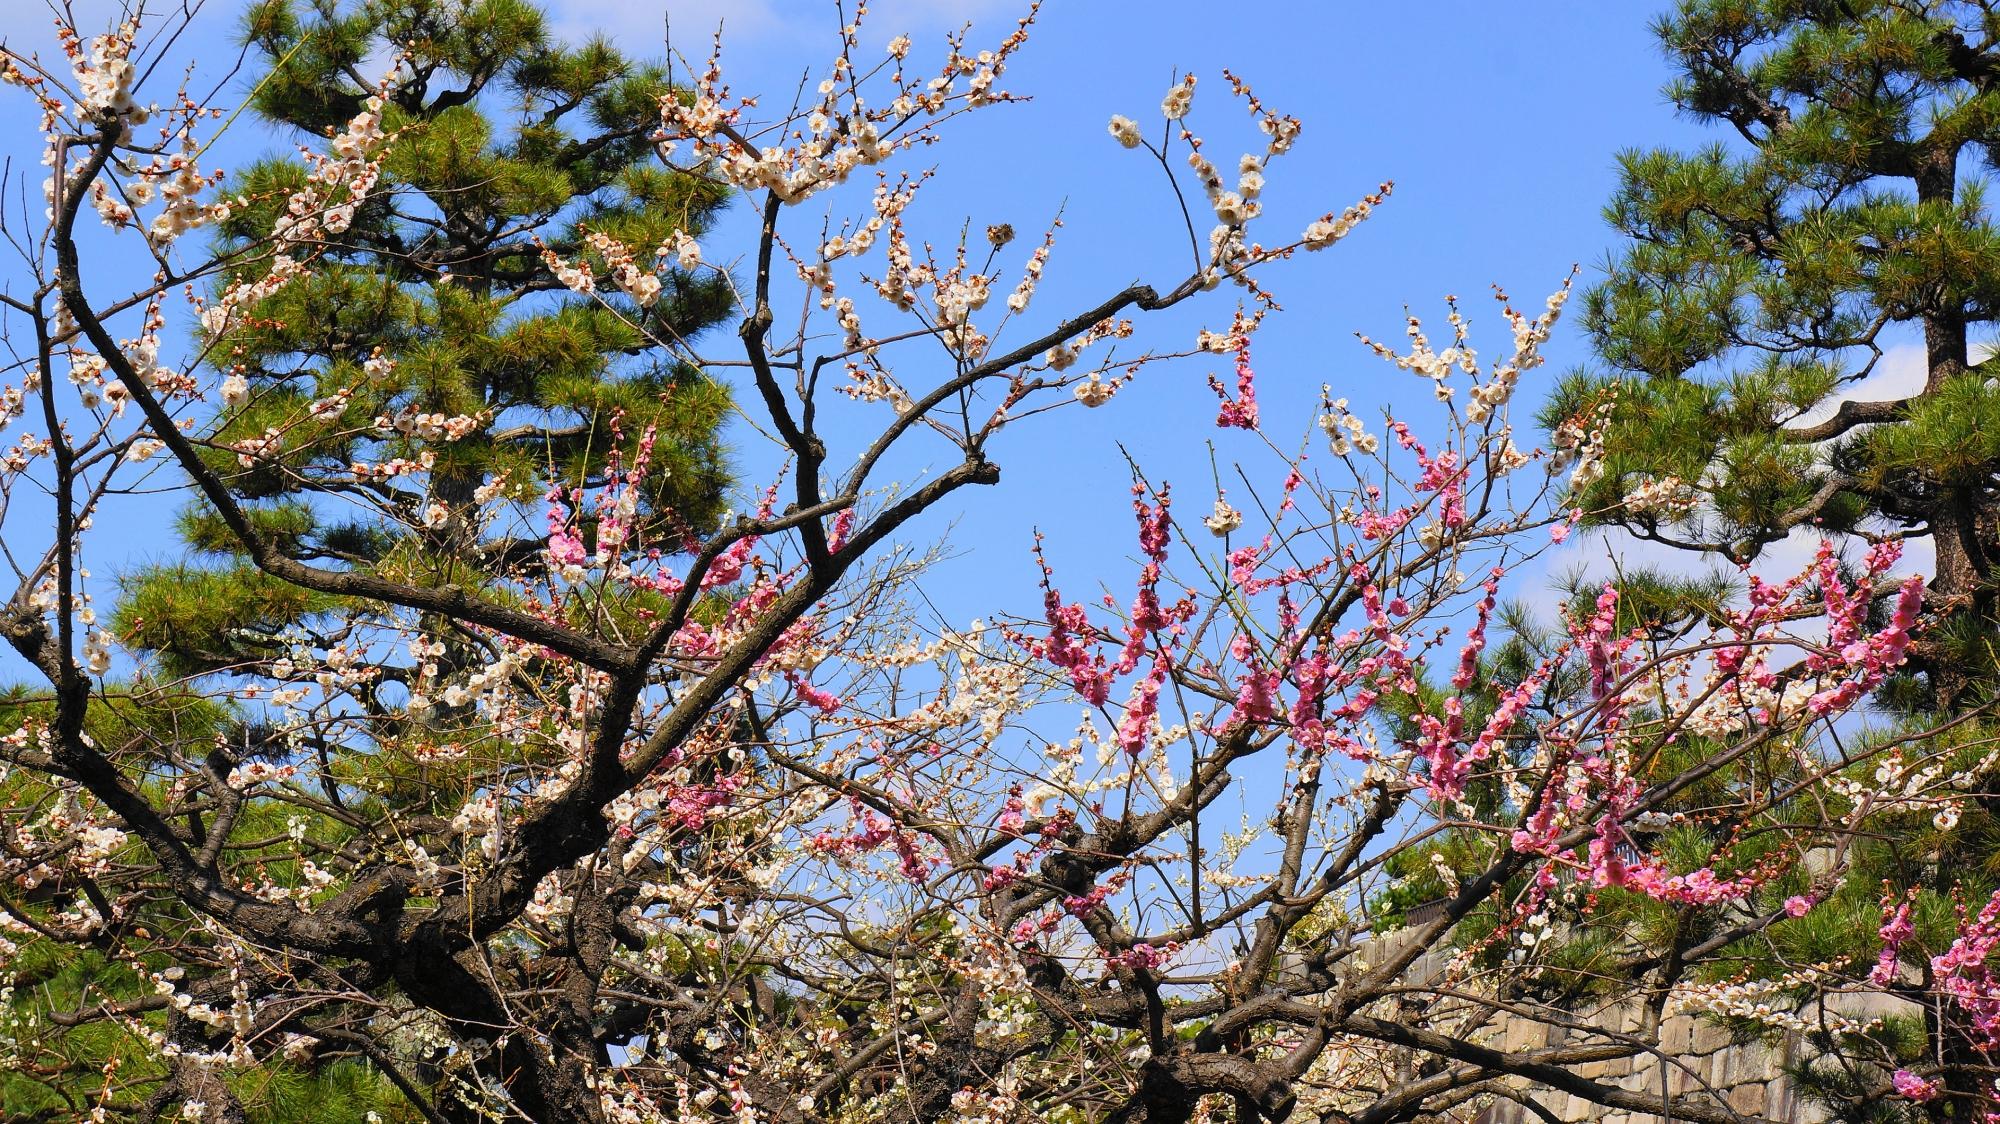 青空を彩る紅白の梅の花